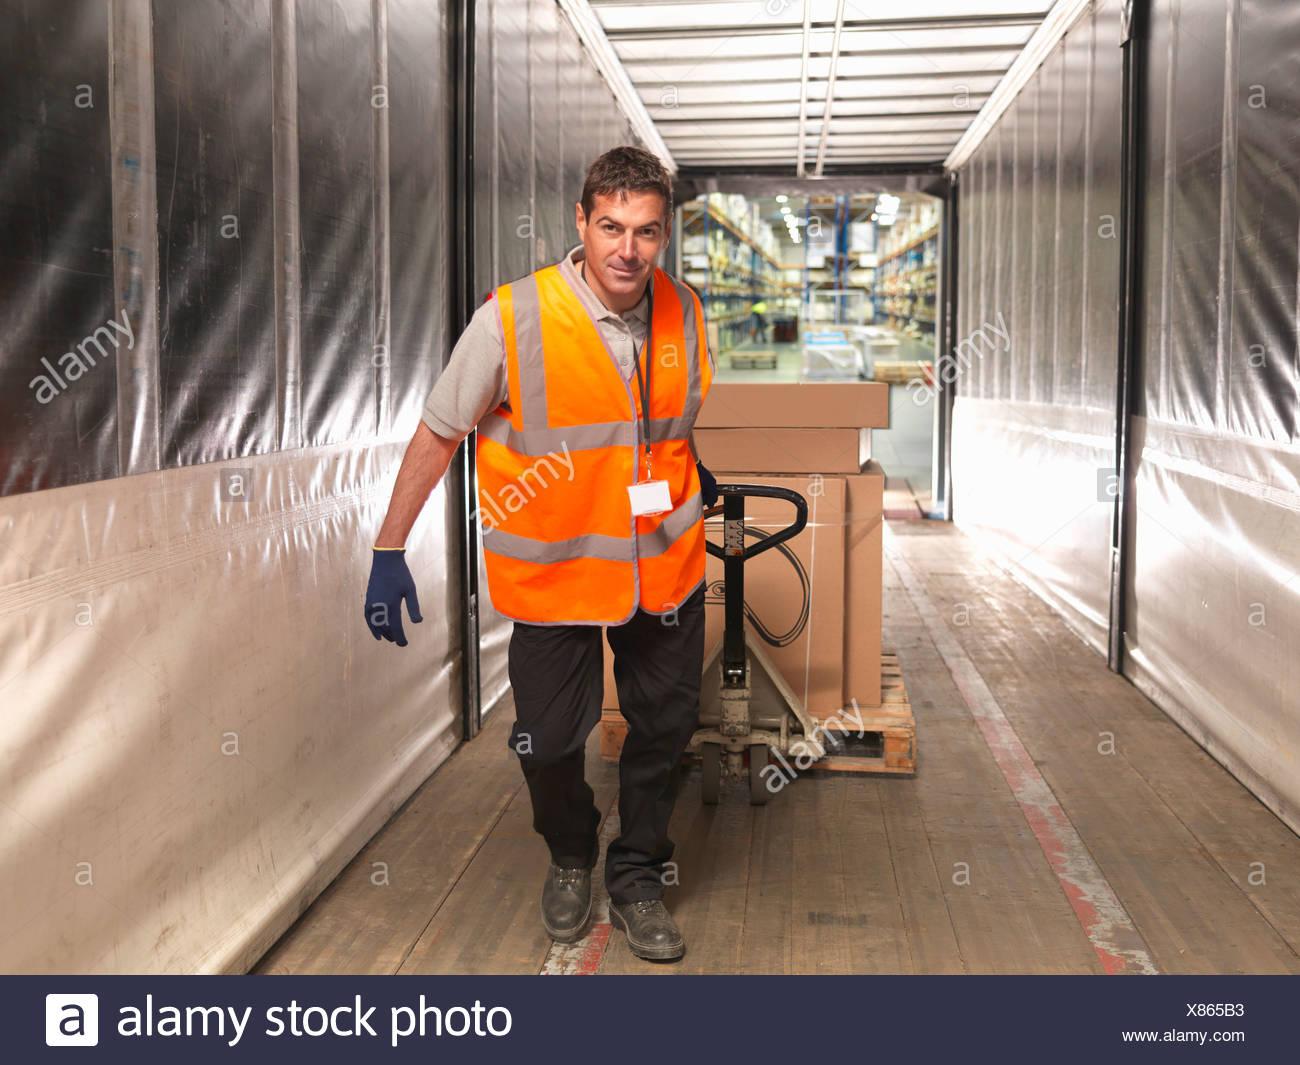 Carichi di lavoratore carrello elevatore con il carrello per movimentazione pallet Immagini Stock